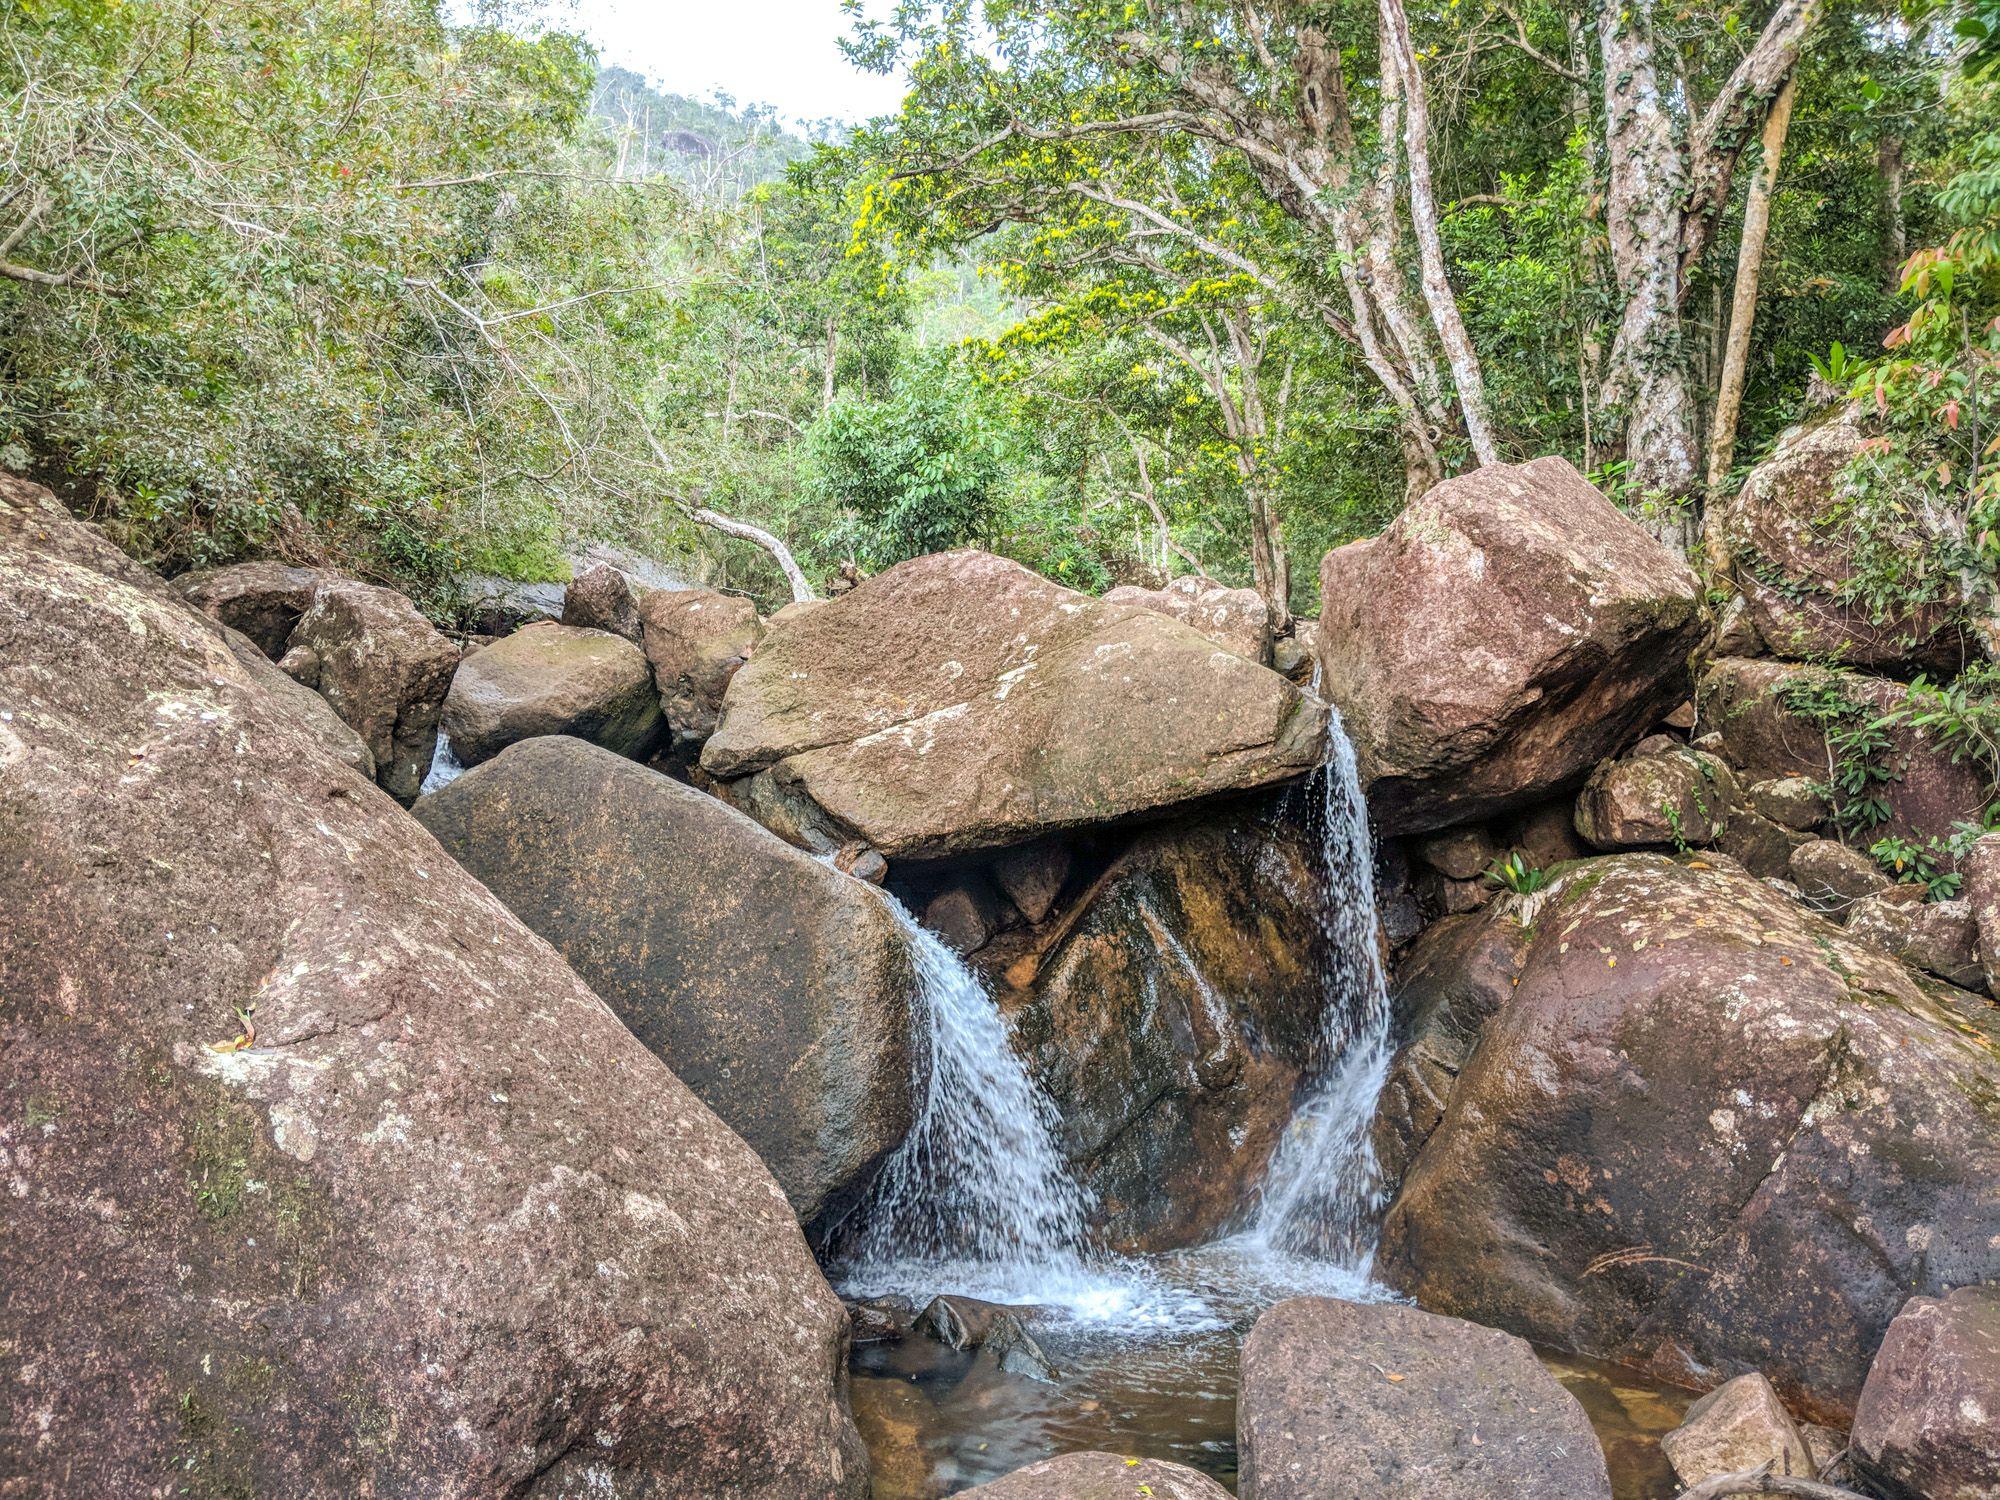 mt straloch creek small falls